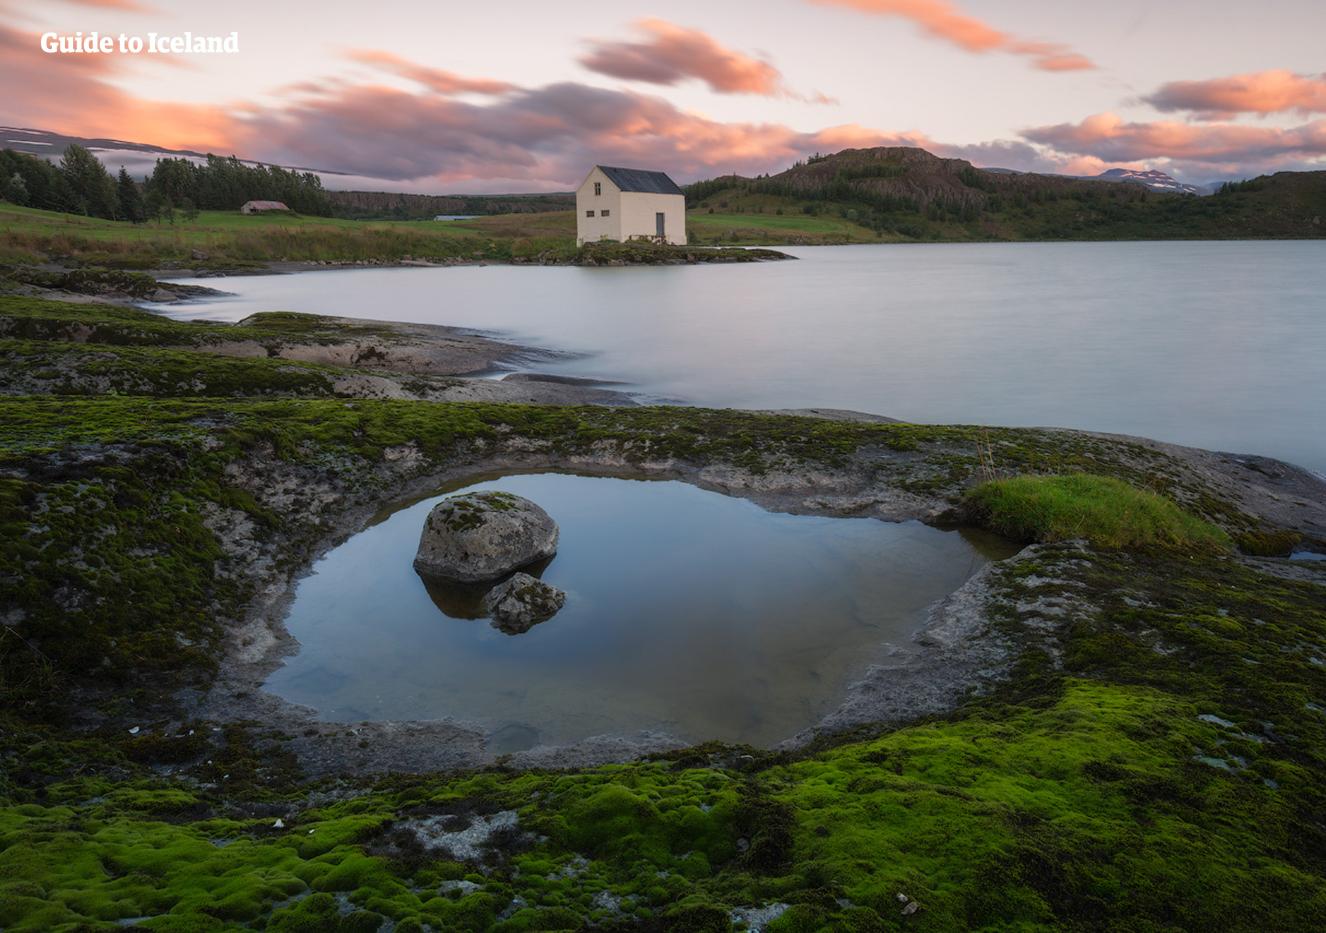 Circuit été de 12 jours | Voyage autour de l'Islande - day 5